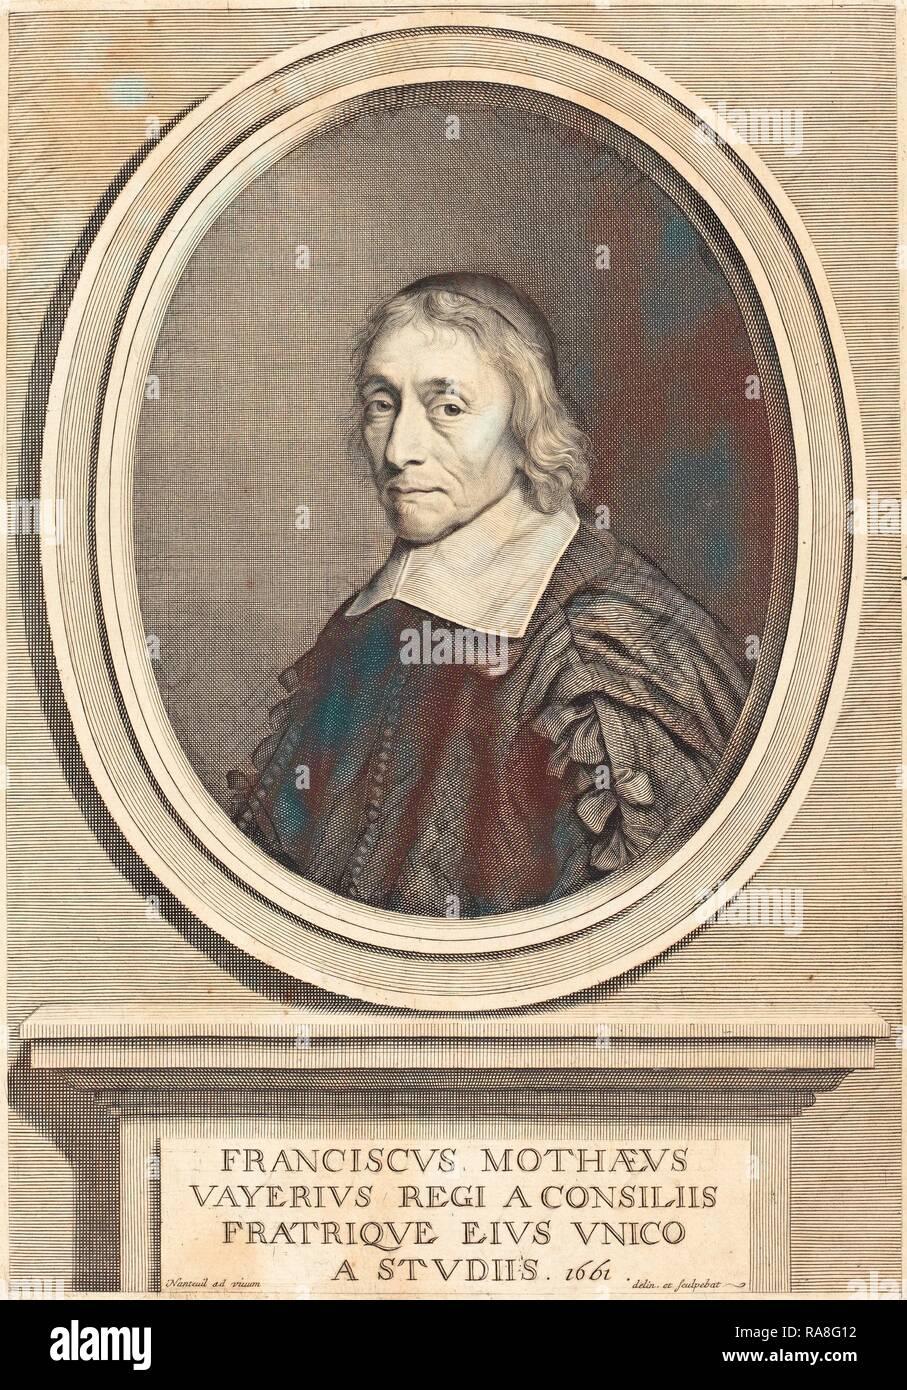 Robert Nanteuil (francese, 1623 - 1678), Francois de la Mothe Le Vayer, 1661, incisione. Reinventato da Gibon. Classic reinventato Foto Stock